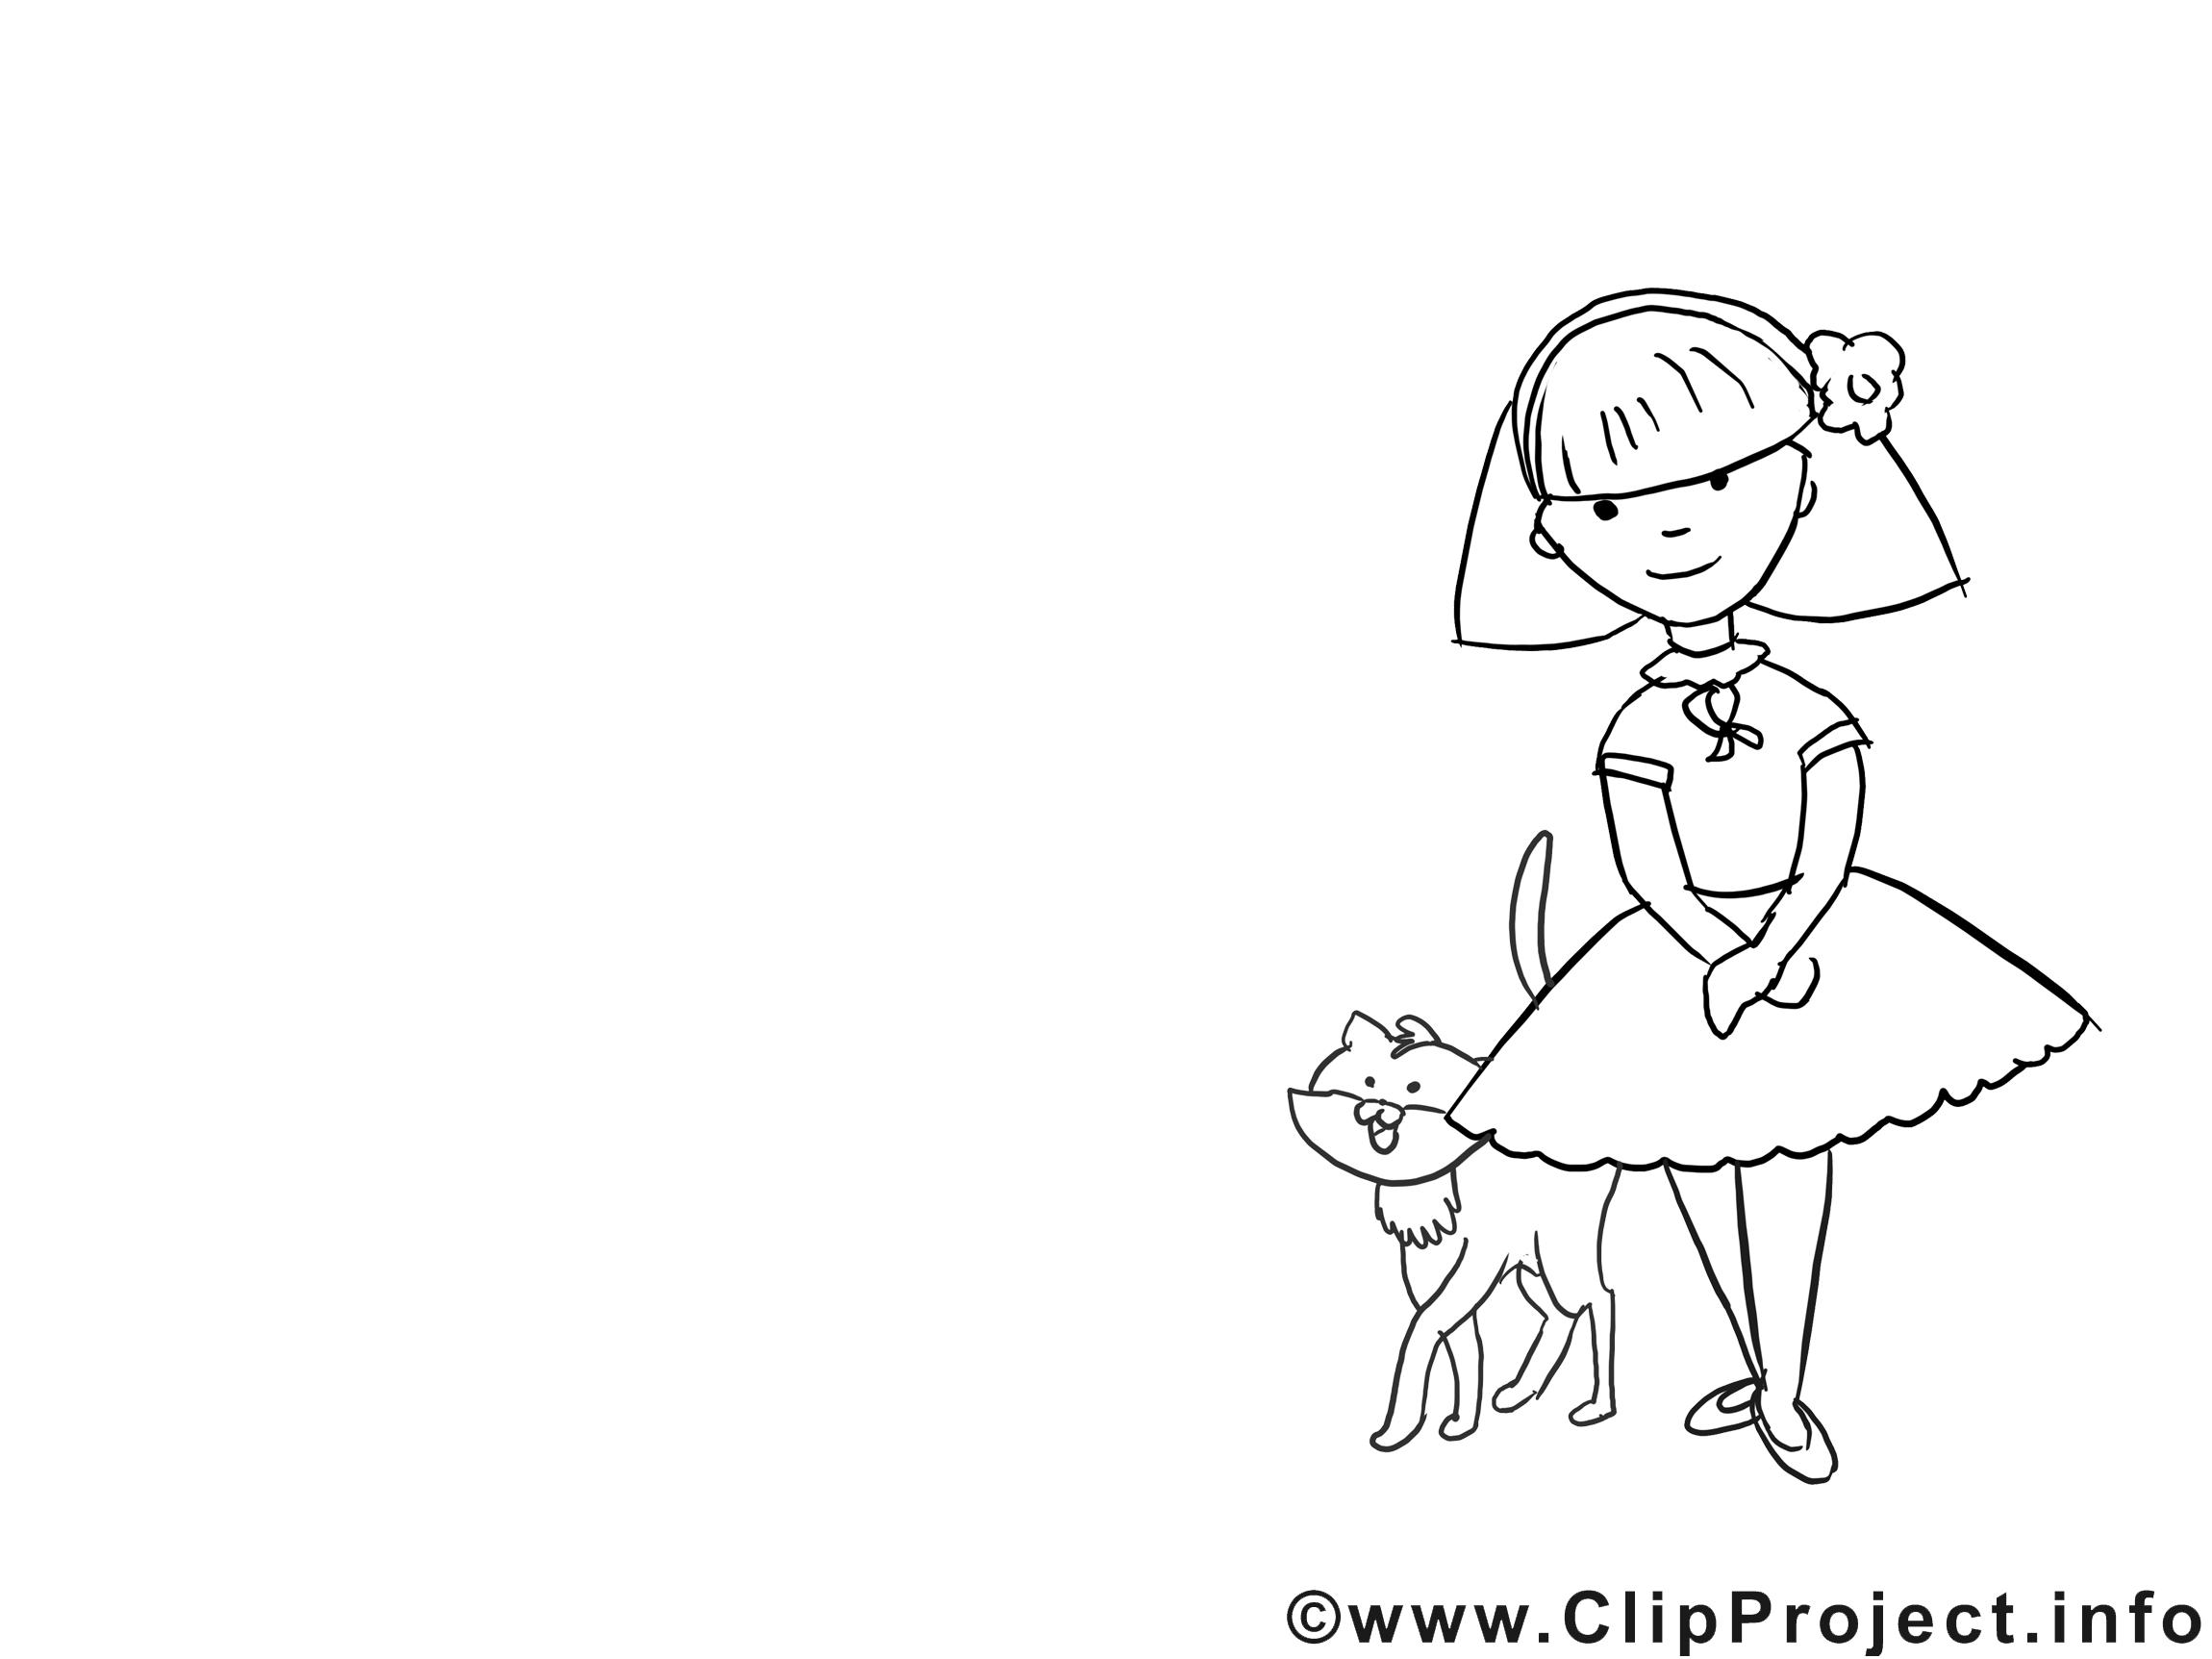 Chat clipart gratuit fille colorier fille coloriages - Fille a colorier ...